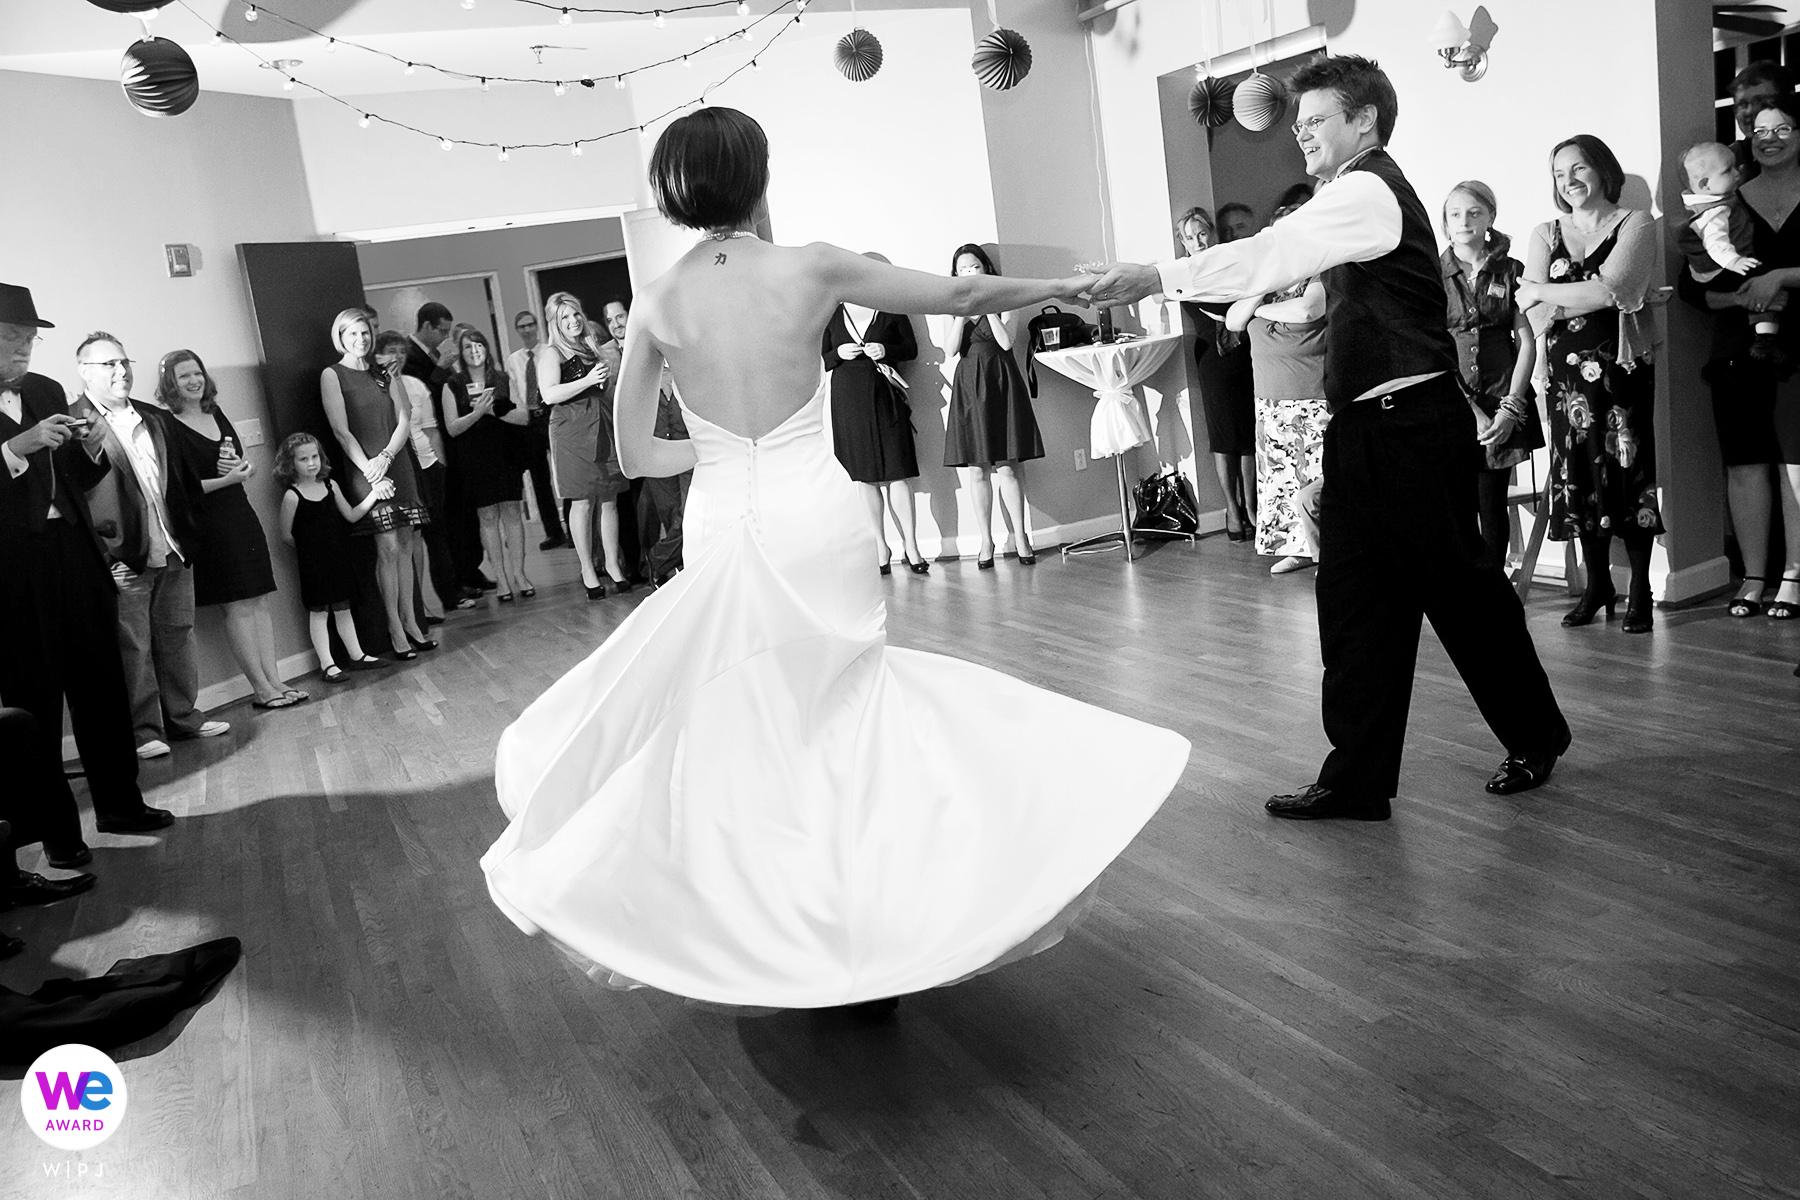 Decatur Trouwfotografie in het solarium | De gasten bij de receptie verzamelen zich rond de dansende bruid en bruidegom